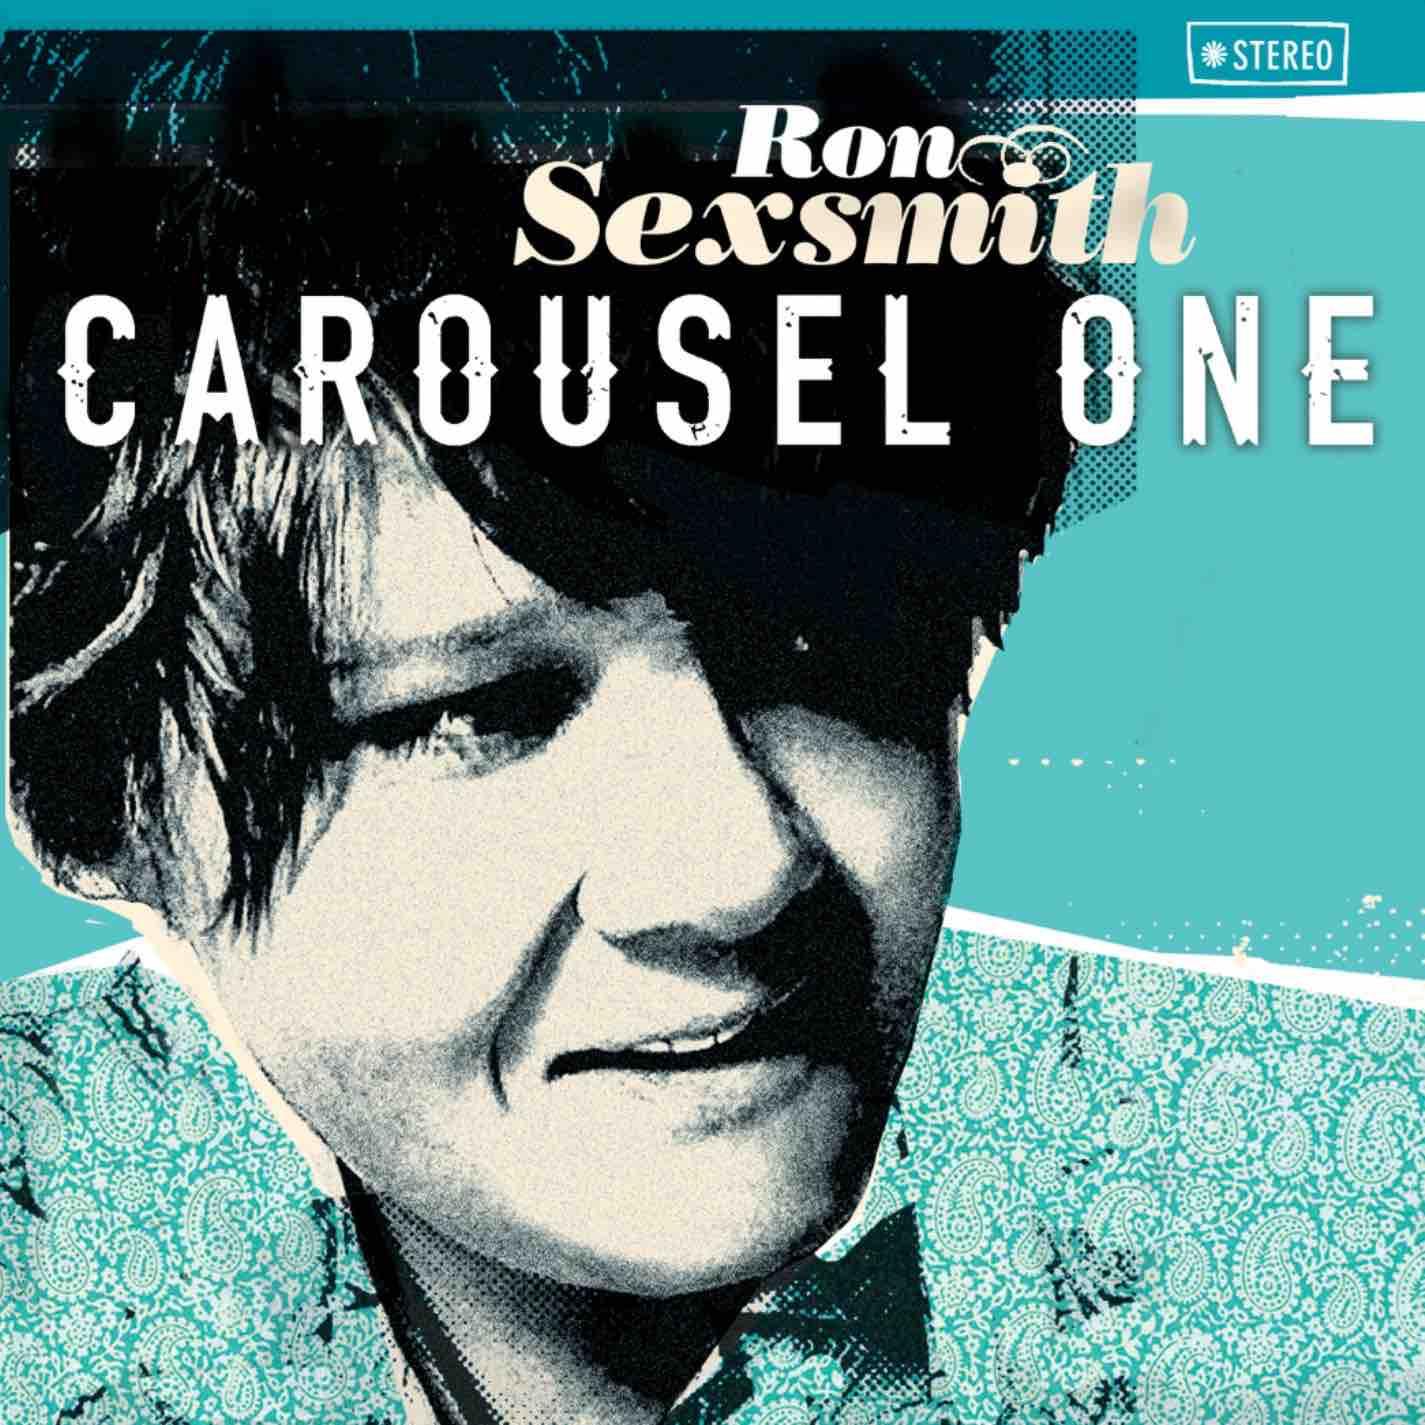 Ron Sexsmith - Carousel One album art